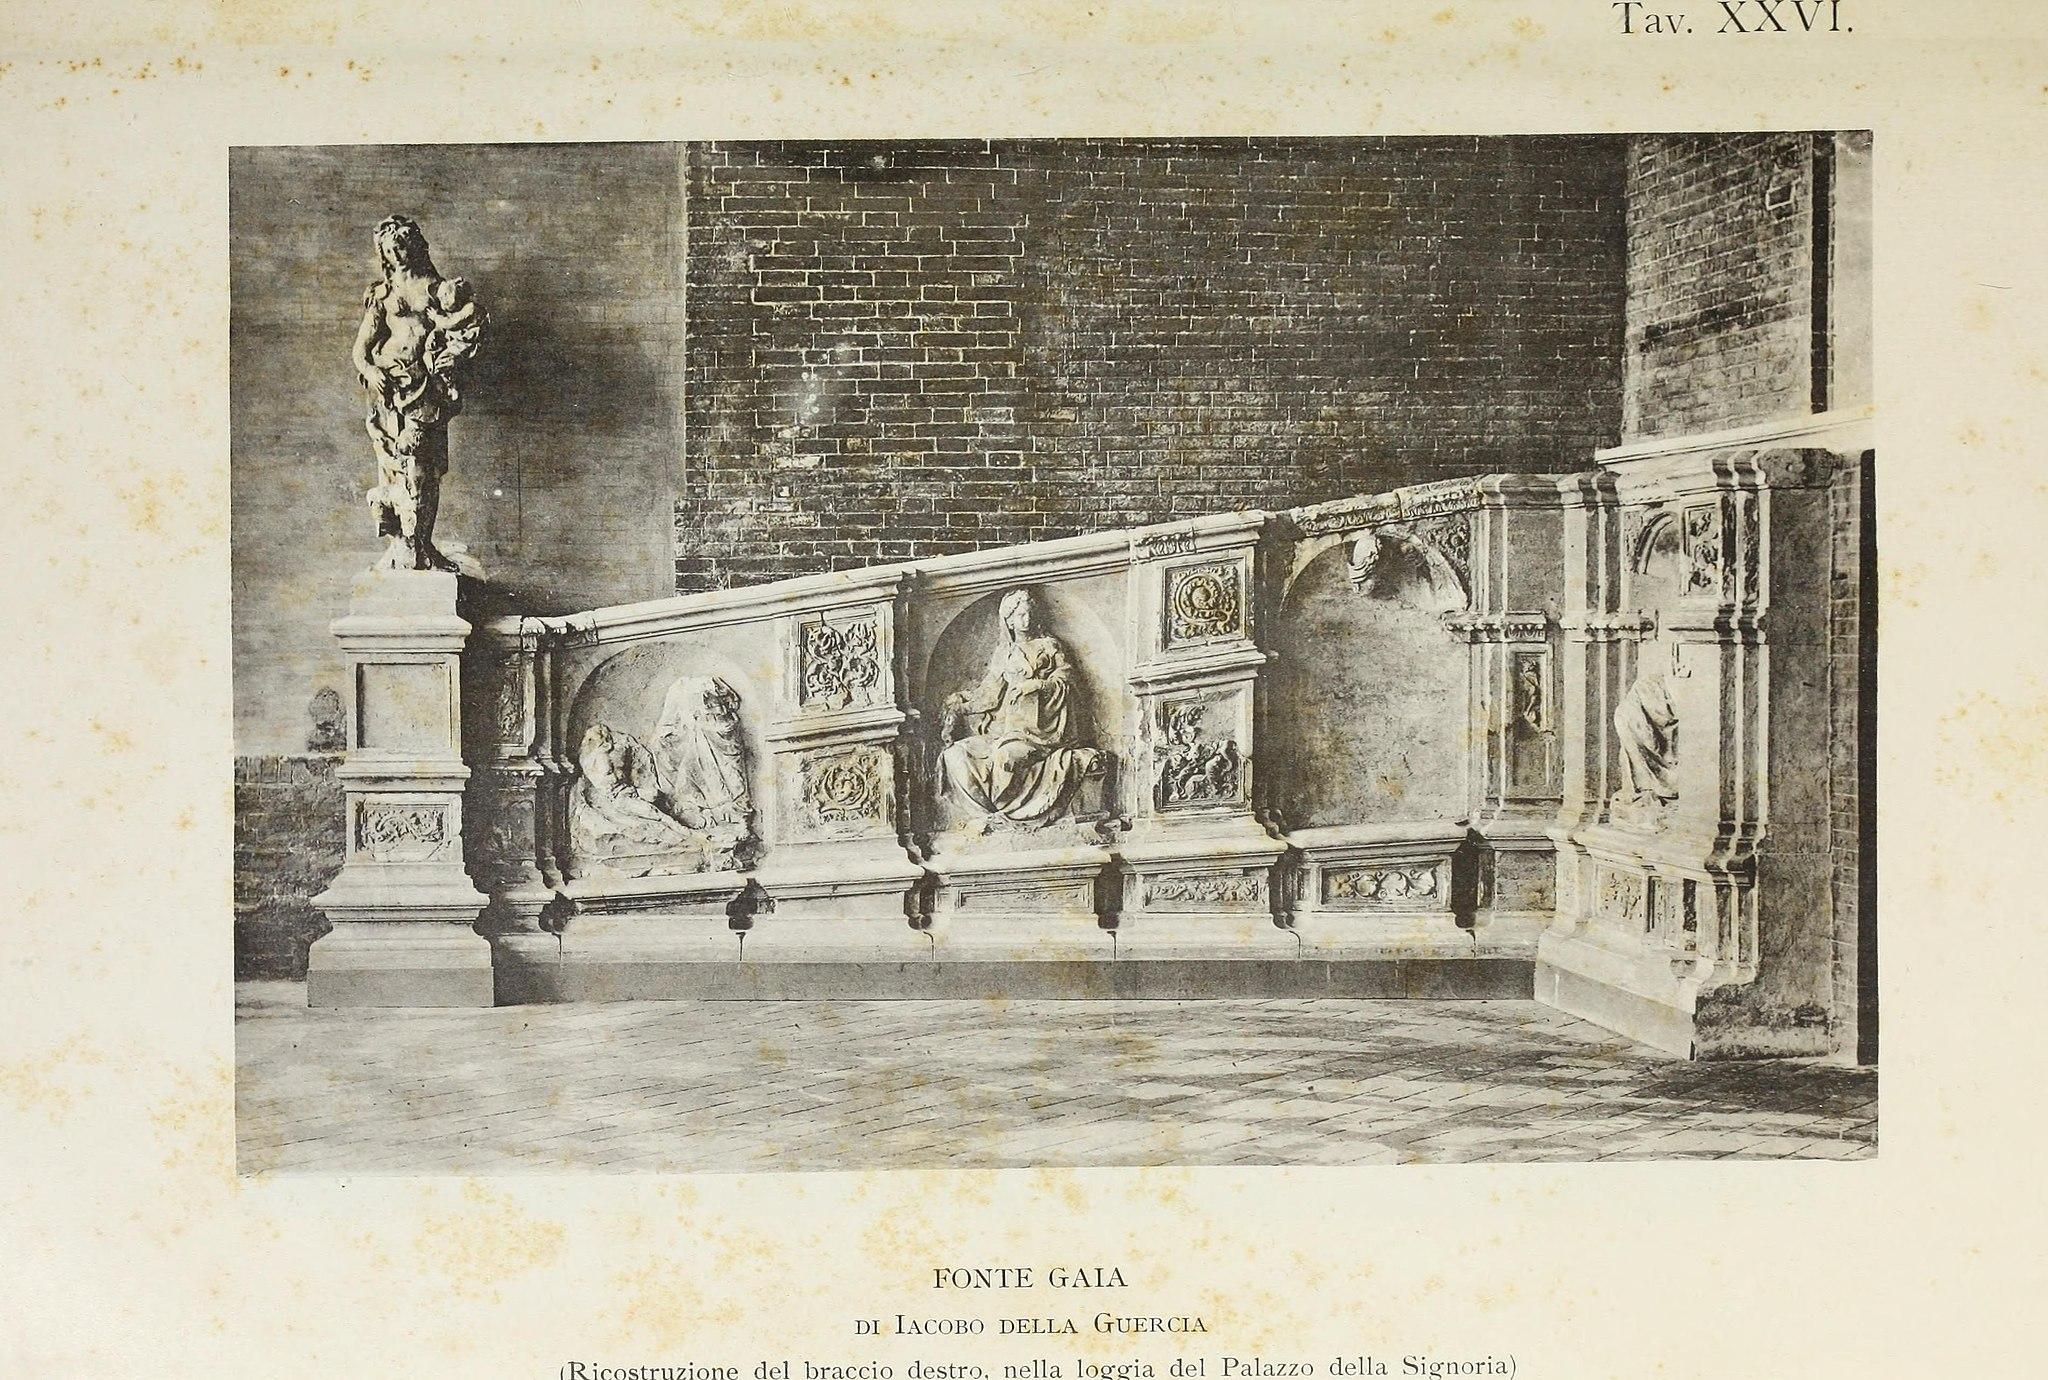 Le fonti di Siena e i loro aquedotti, note storiche dalle origini fino al MDLV (1906) (14777373525)